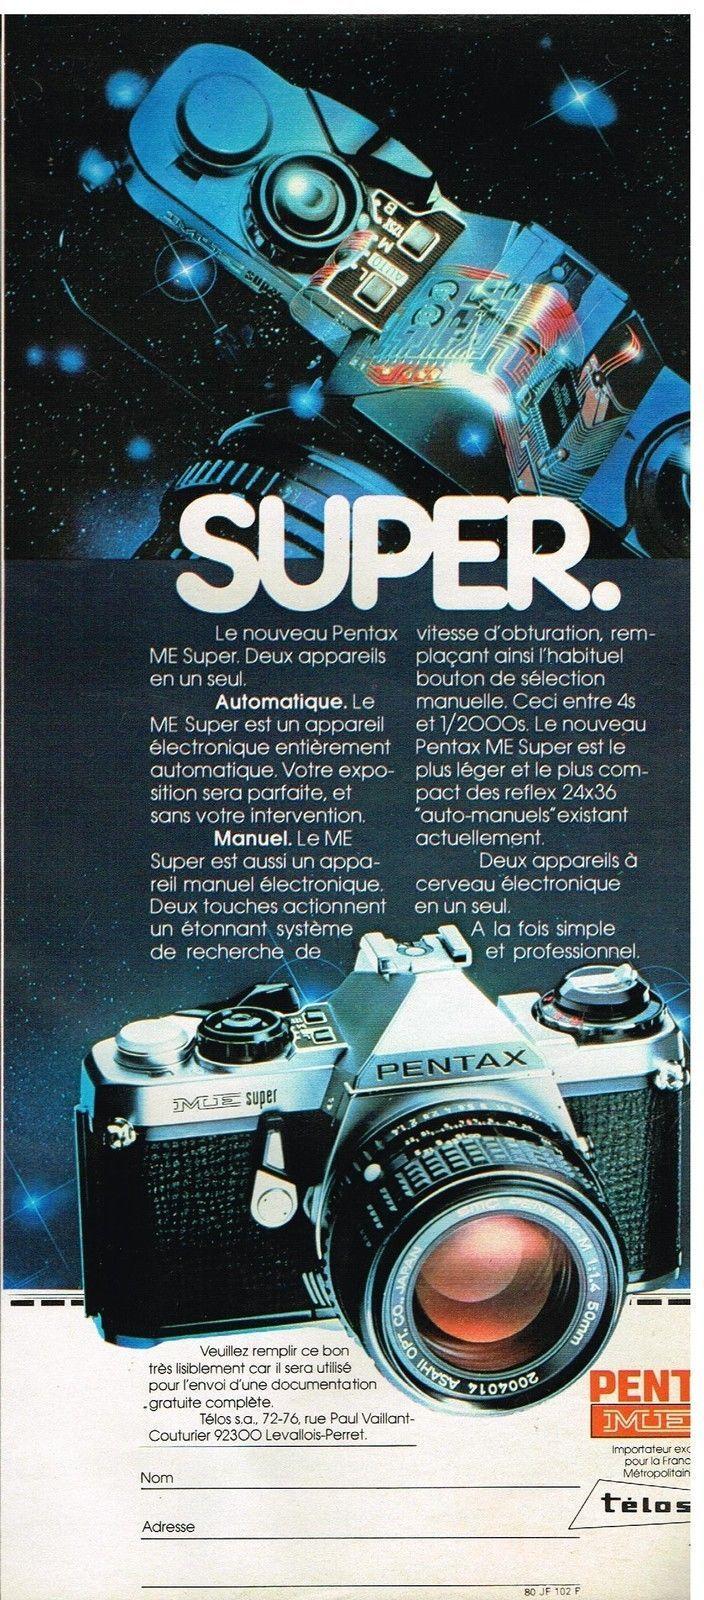 1980. Pentax ME Super. Priorité diaphragme et débrayage de l'automatisme avec un réglage manuel de la vitesse au moyen de touches genre calculette...